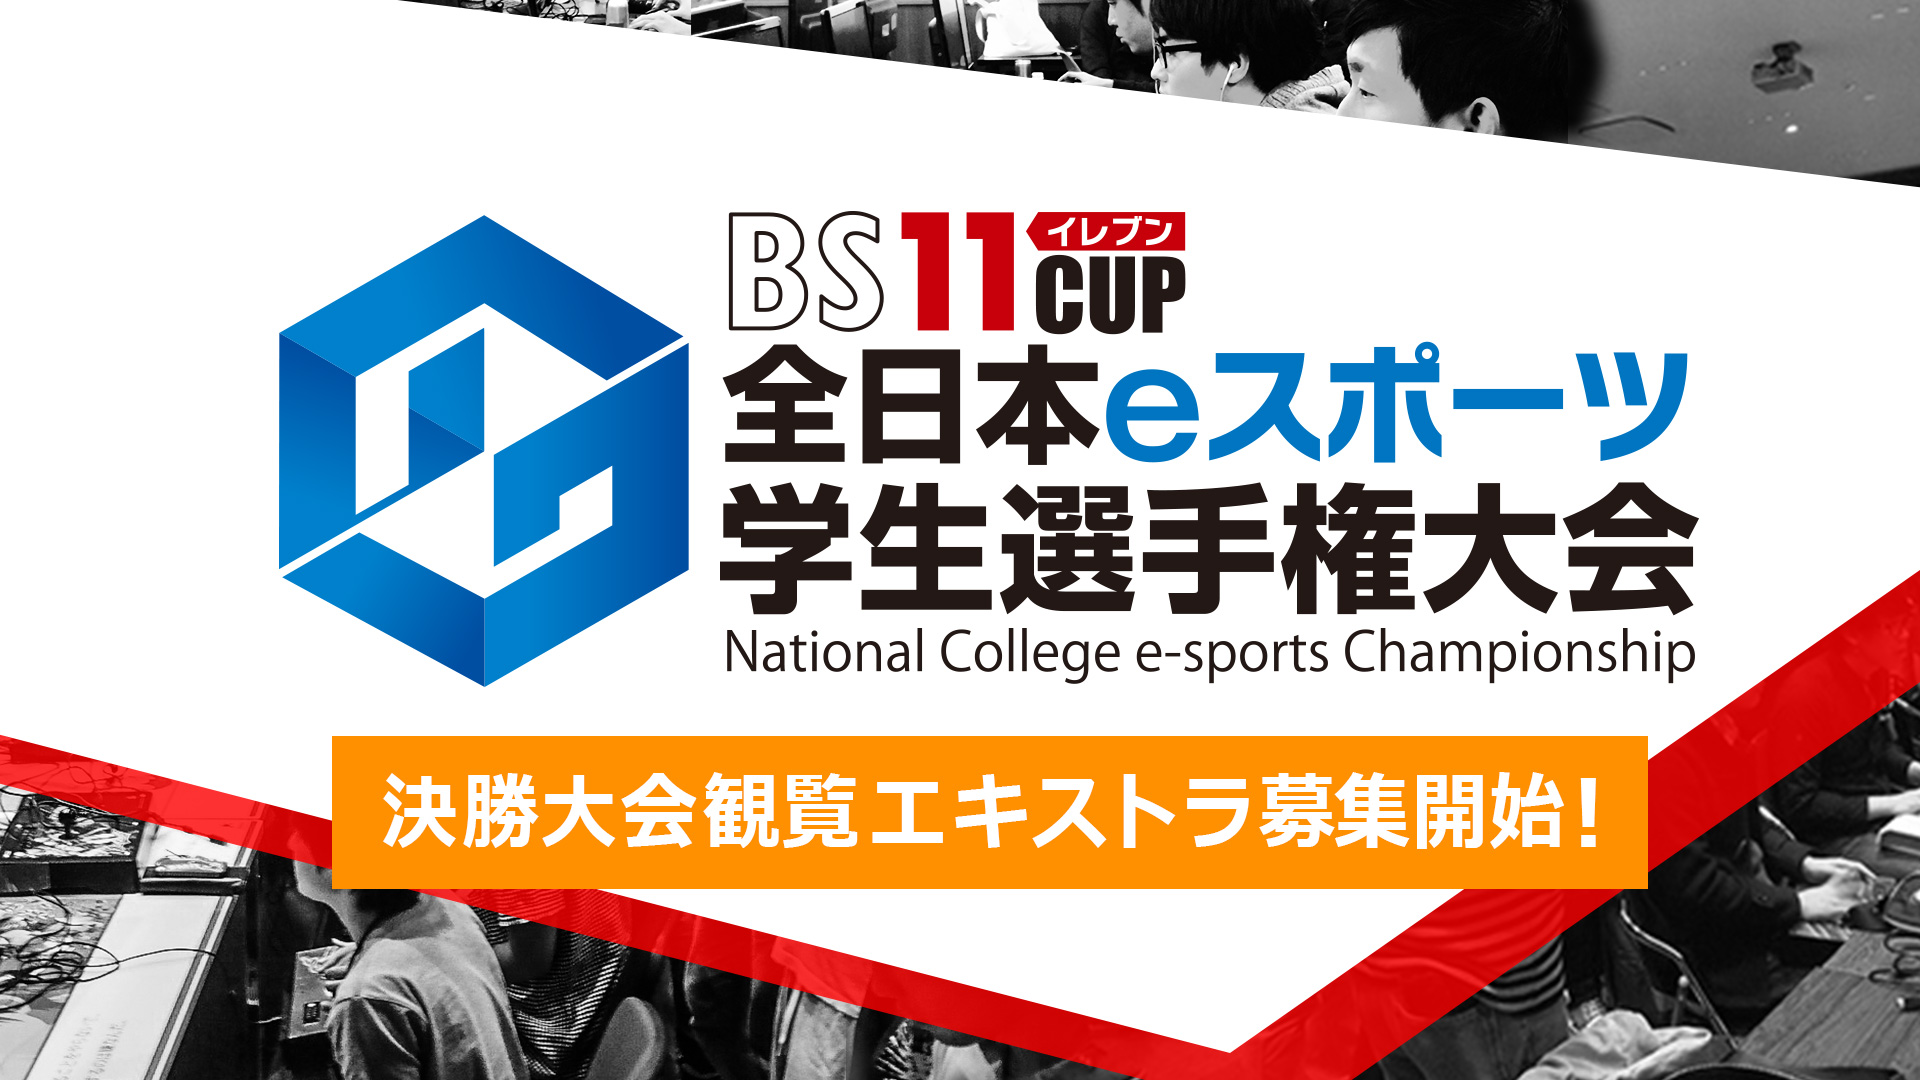 BS11cup 全日本eスポーツ学生選手権大会